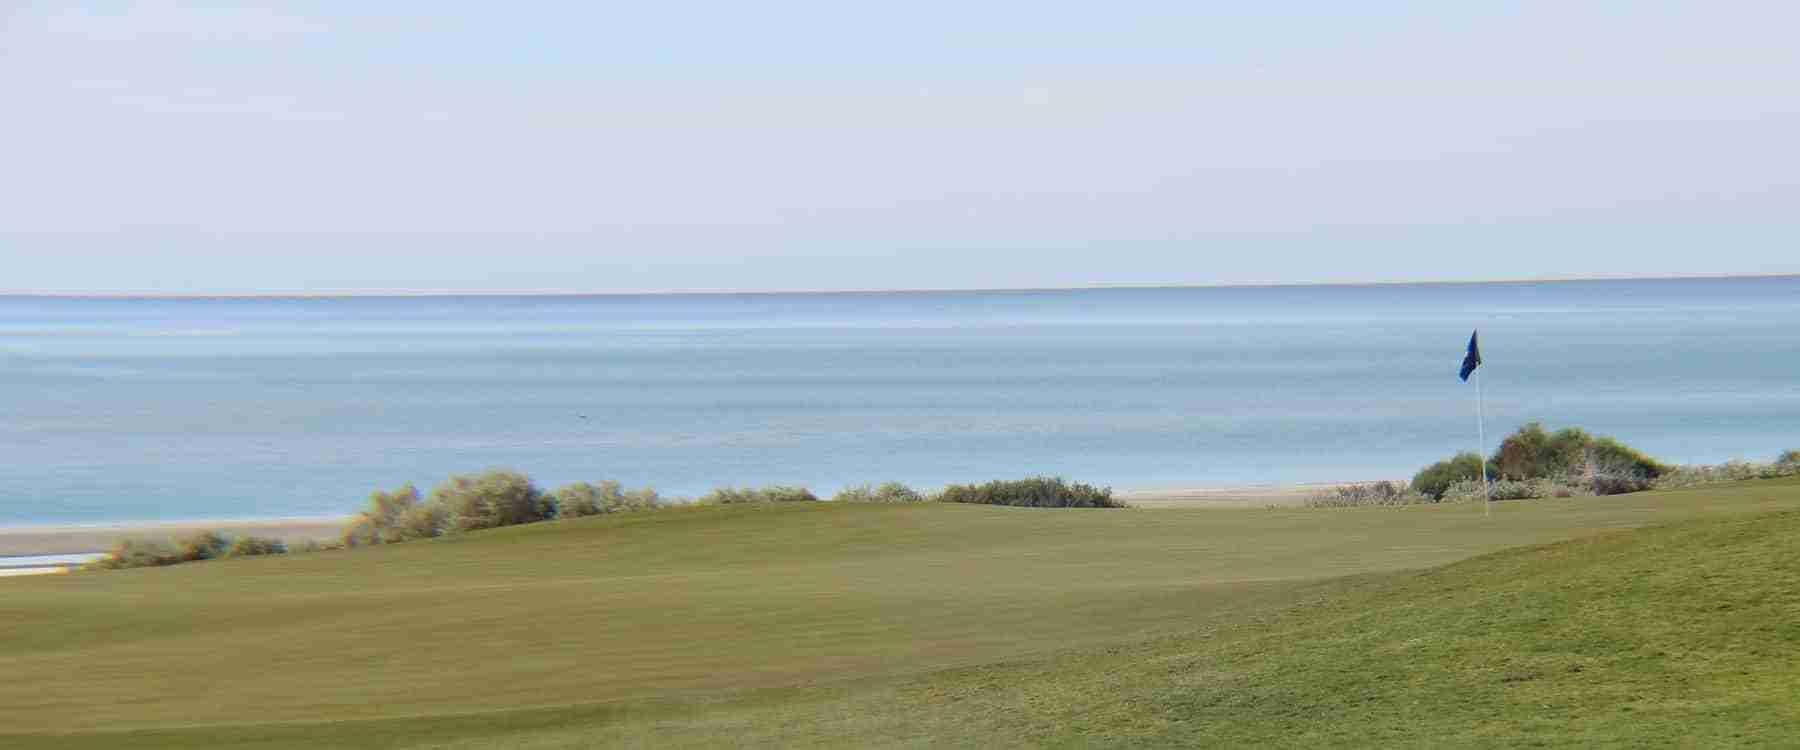 18th Hole in Vi.danta's Golf Course